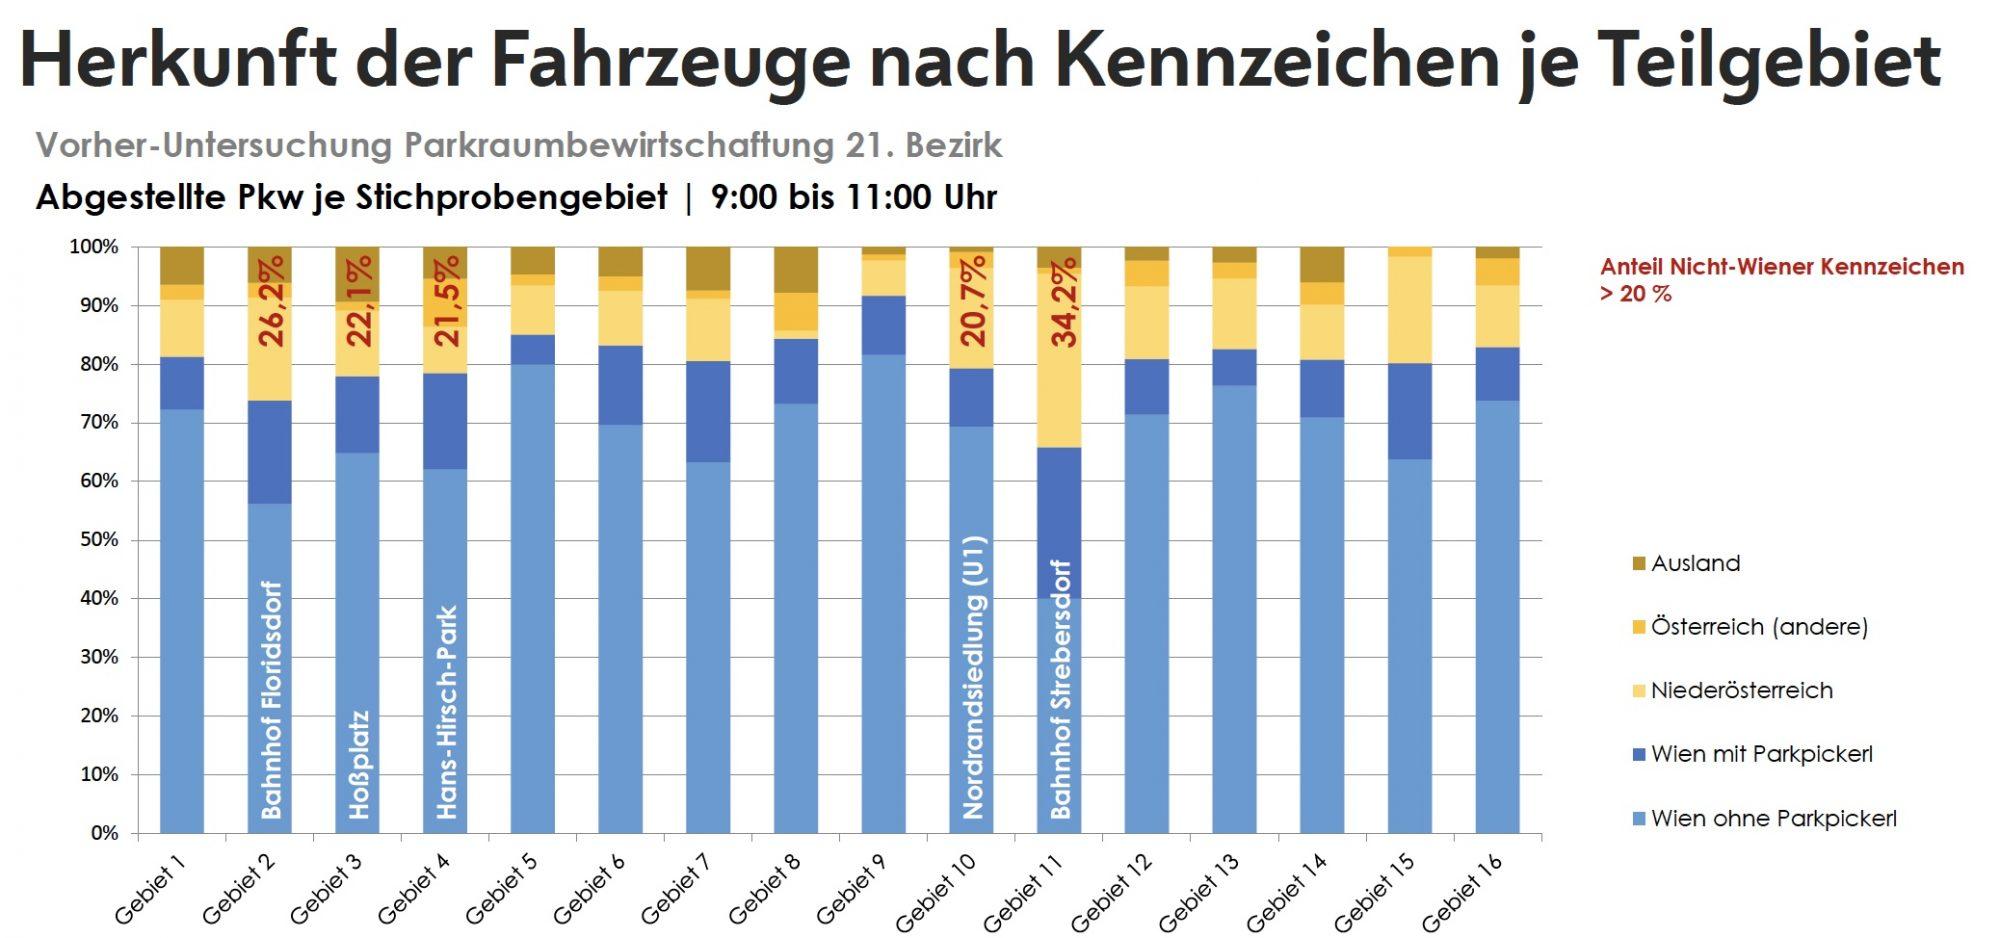 Fahrzeuge nach Herkunft Bild: Stadt Wien - Stadtentwicklung und Stadtplanung, Traffix.